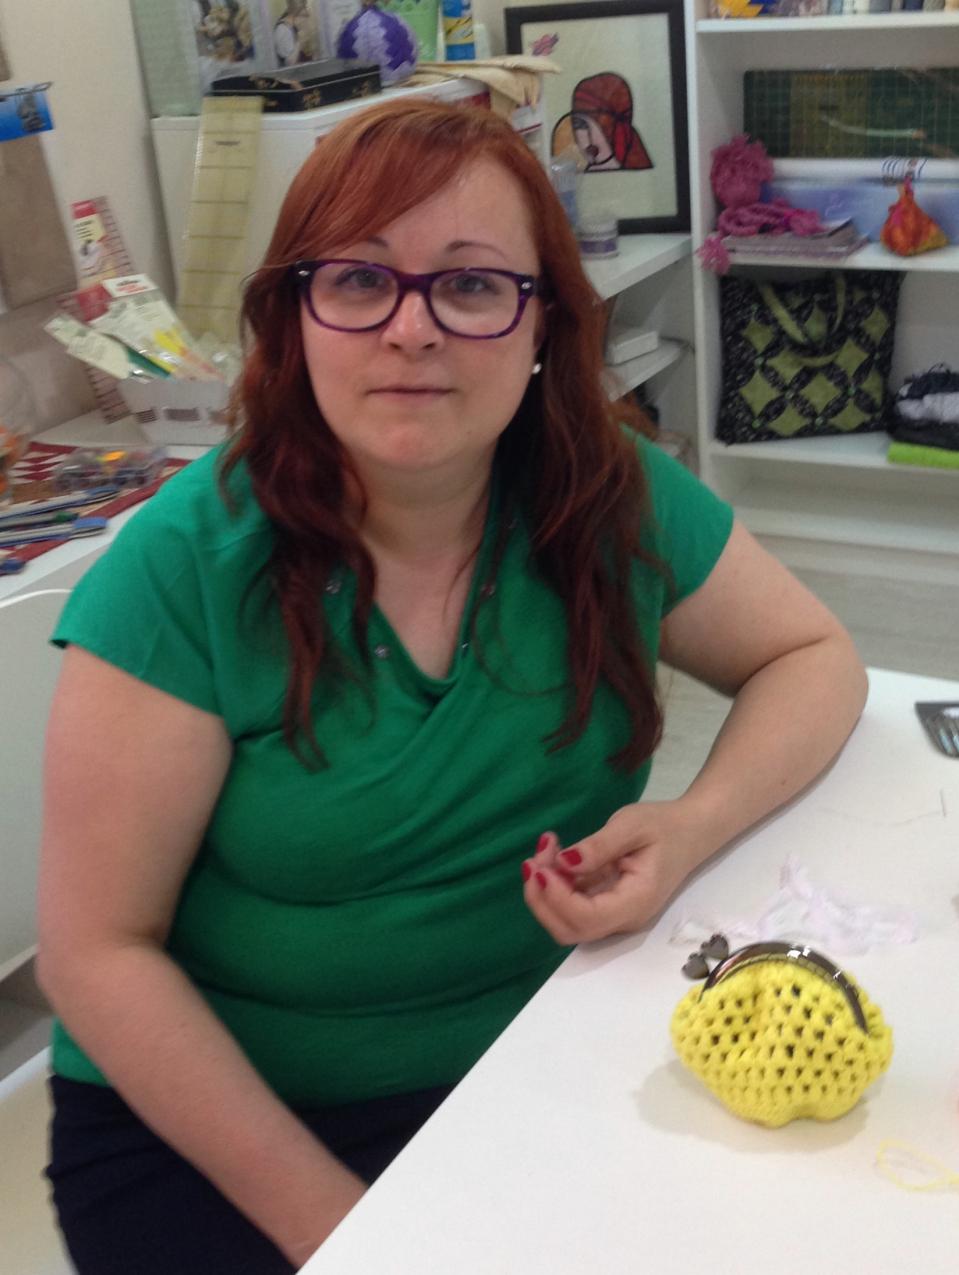 Primer proyecto de Crochet terminado